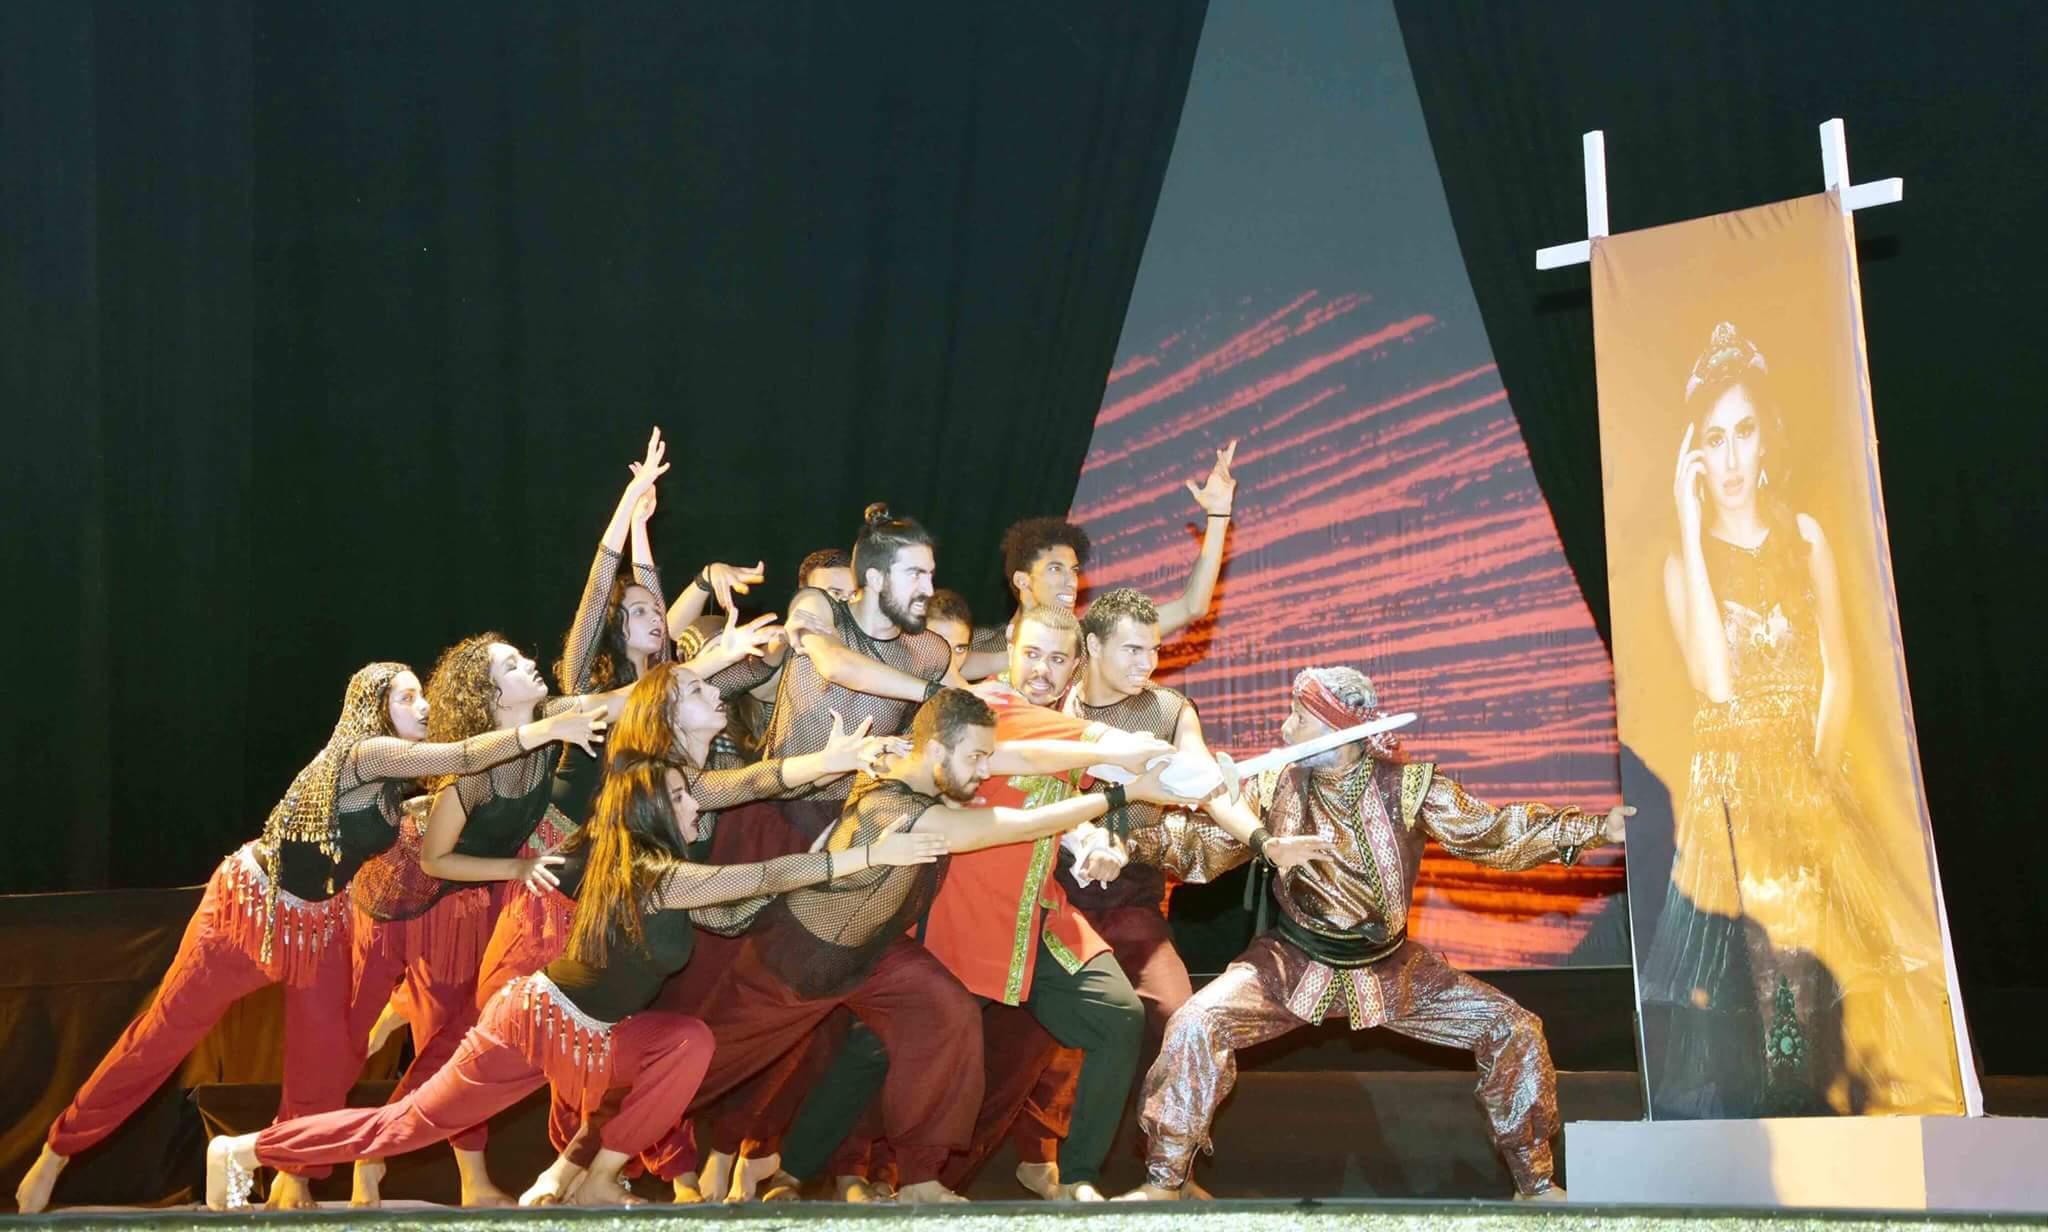 بالصور | وزيرة الثقافة تعلن انطلاق الدور ١١ للمسرح القومي